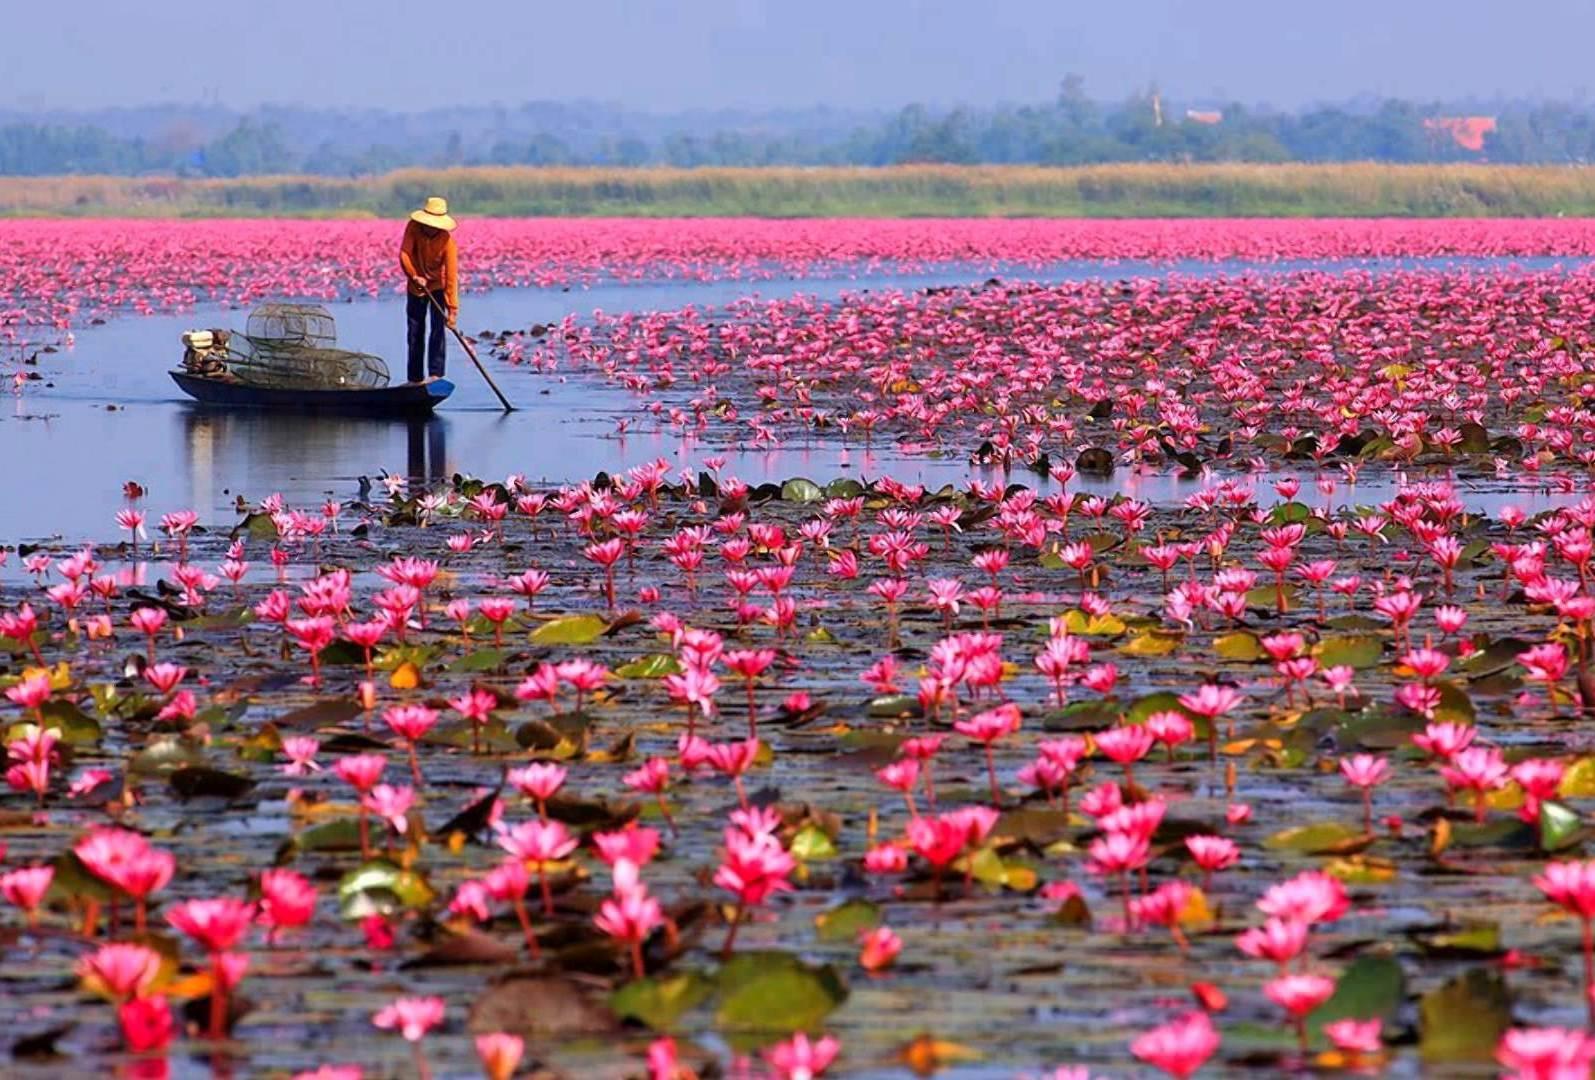 puteshestvie na plantacii lotosa